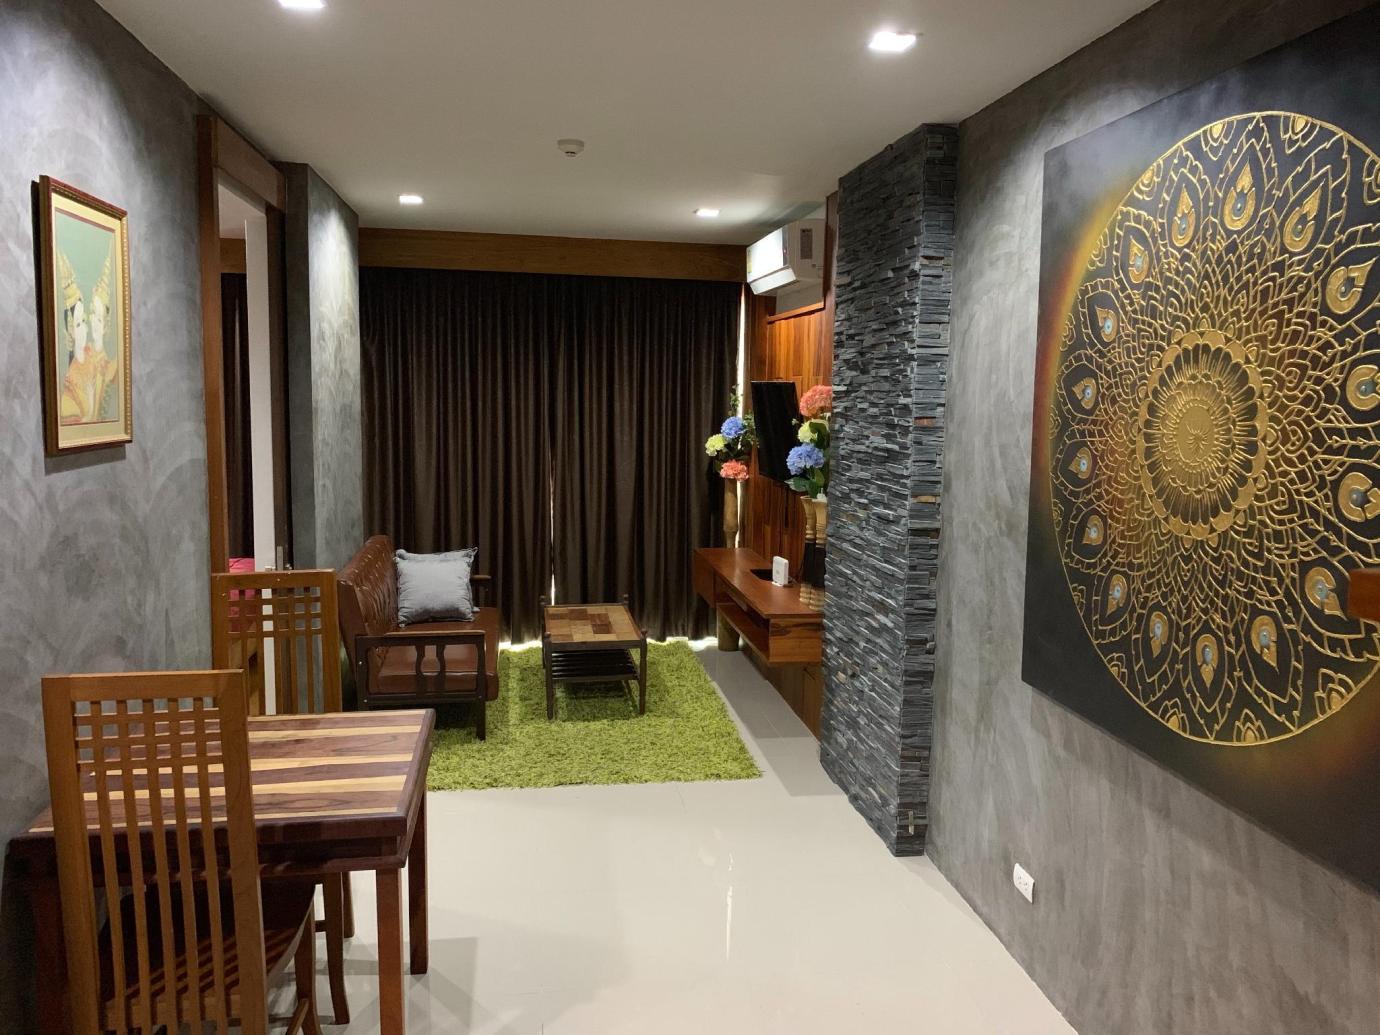 Private Luxurious Apartment Beachfront by PW Hua Hin / Cha-am Prachuap Khiri Khan Thailand